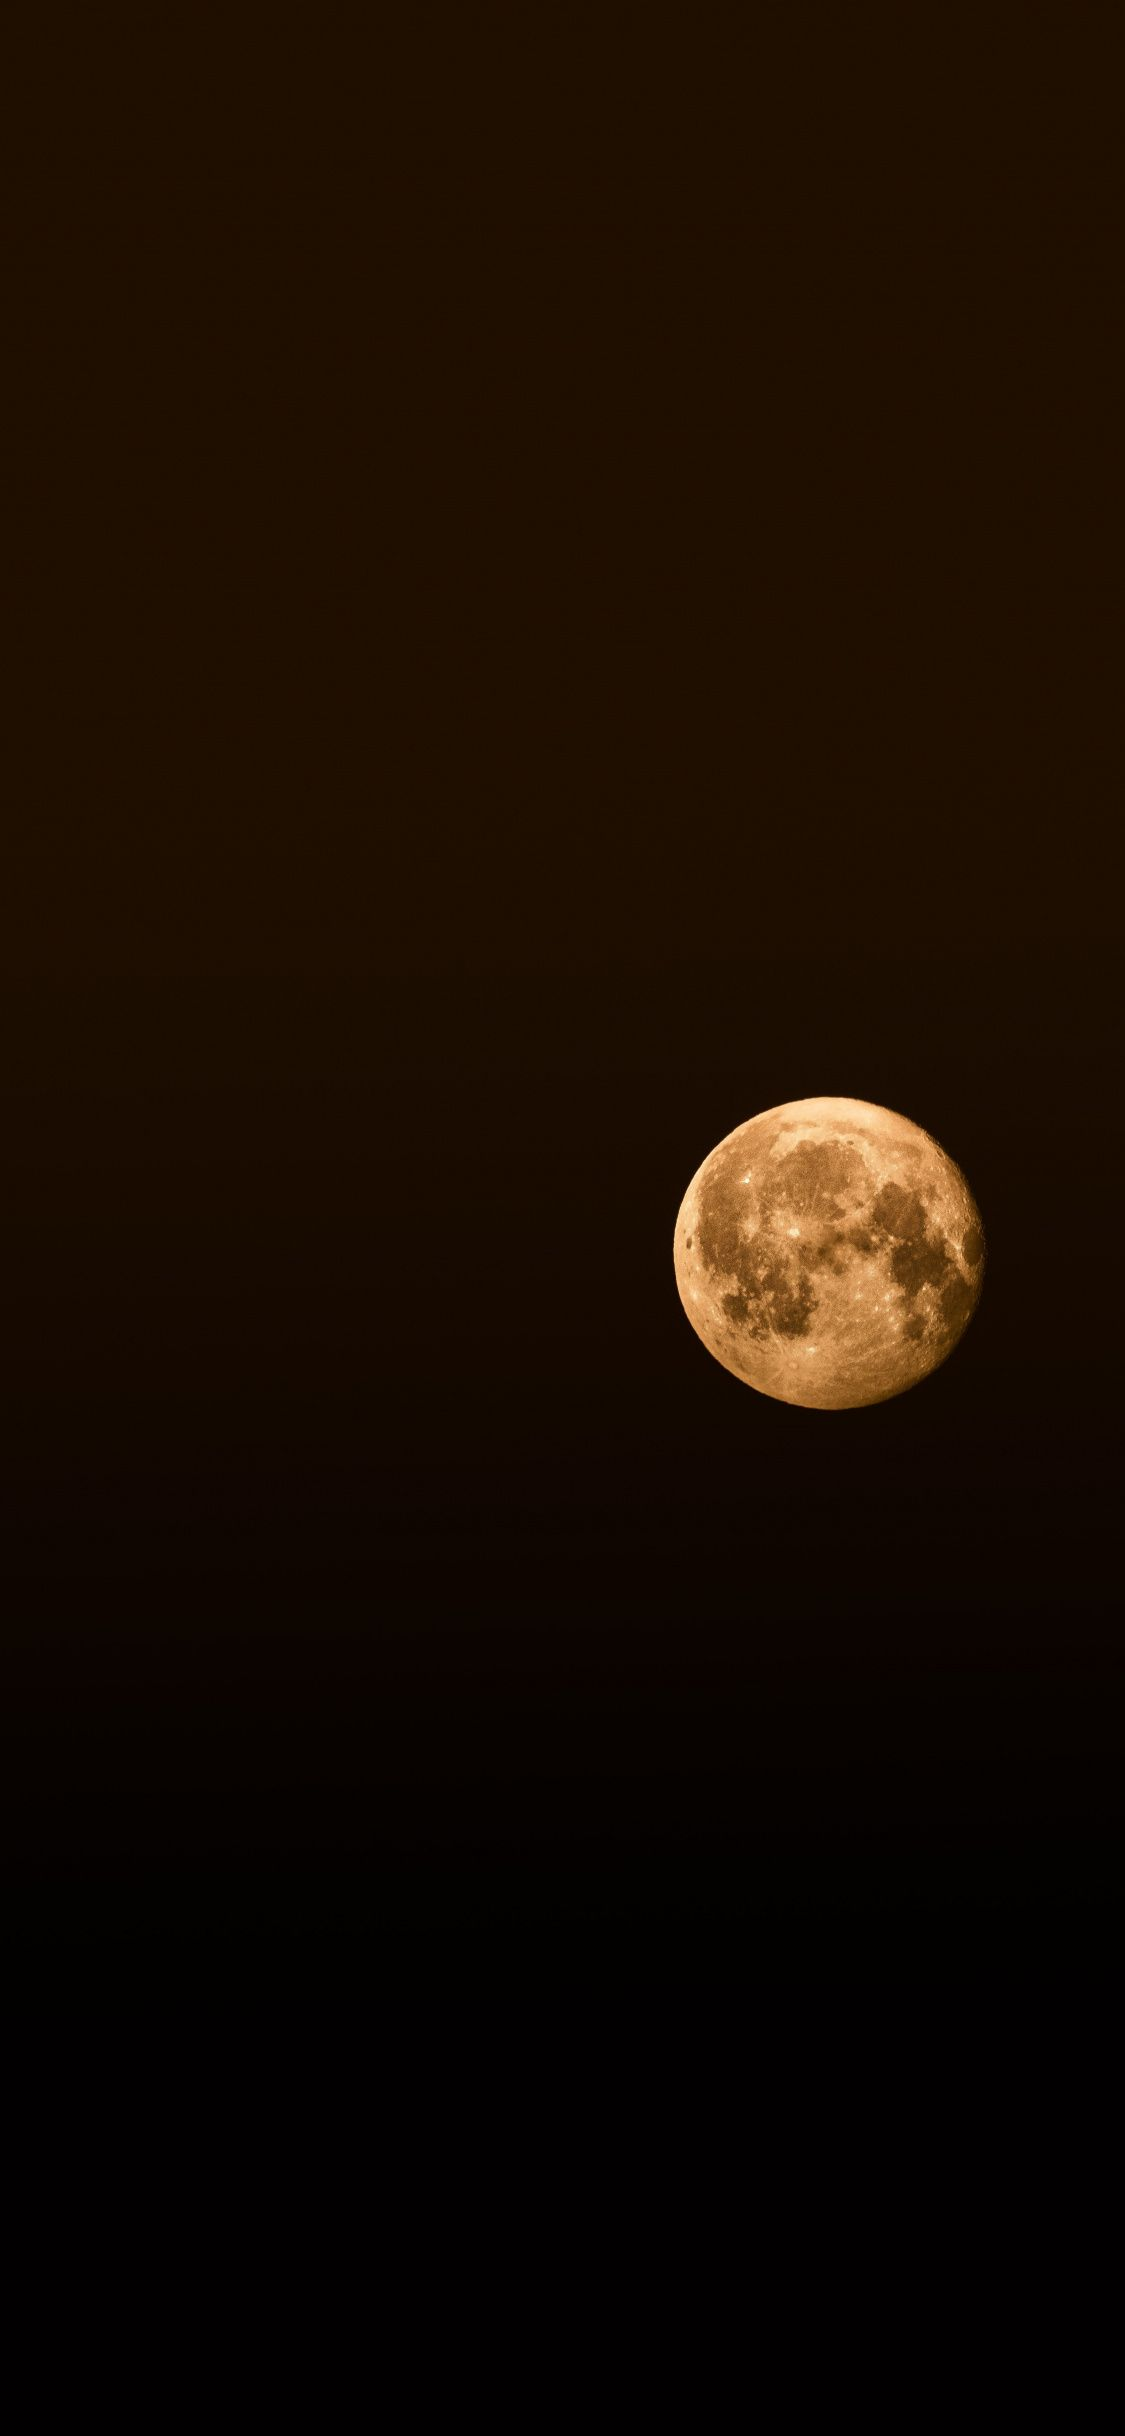 1125x2436 Dark Minimal Full Moon Wallpaper Desktop Wallpaper Art Moon Art Art Wallpaper